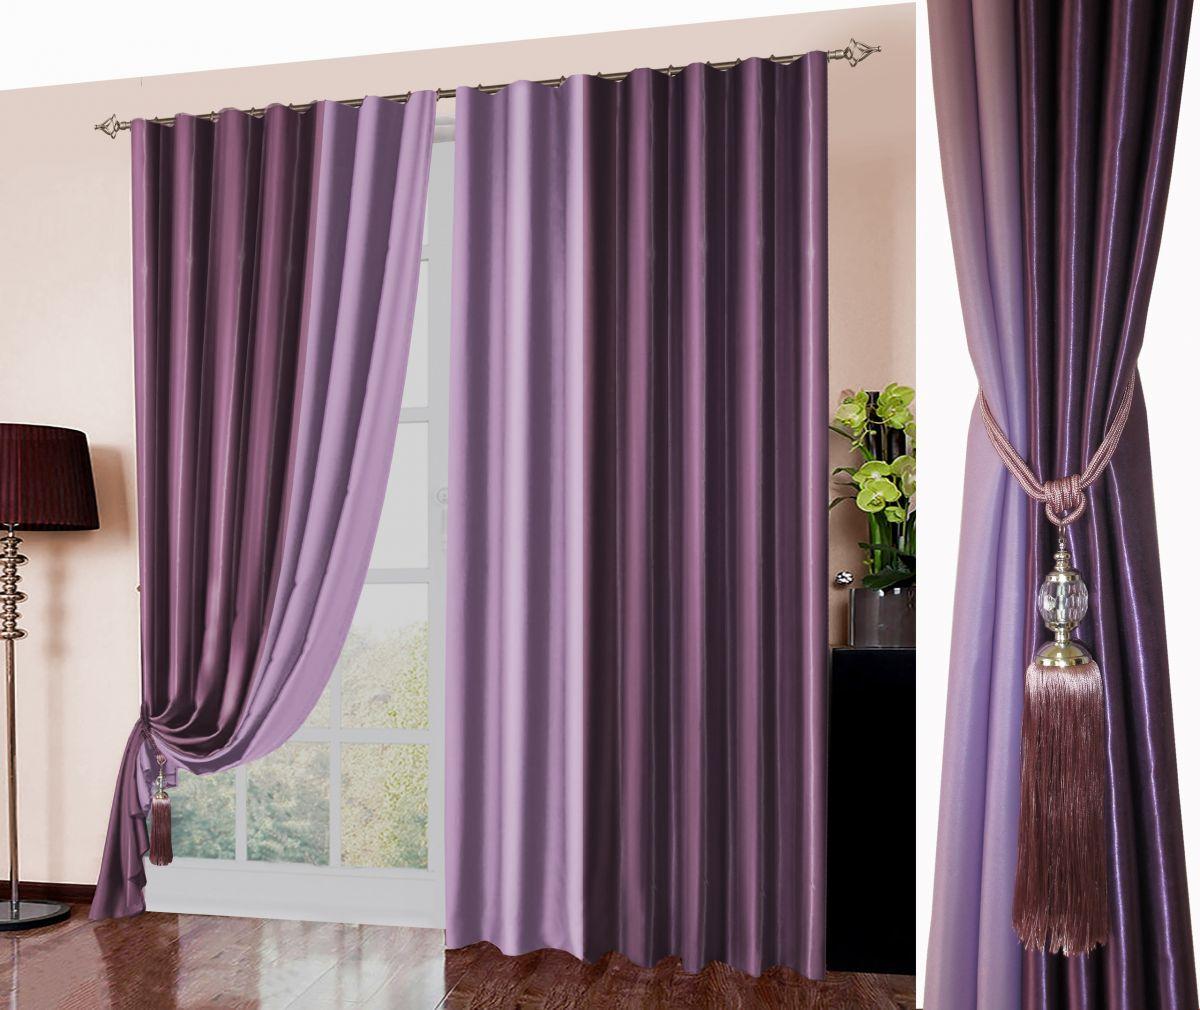 Комплект штор № 026, (270*180)х2, Блэк-аут (комбинированный) фиолетовый+сиреневый